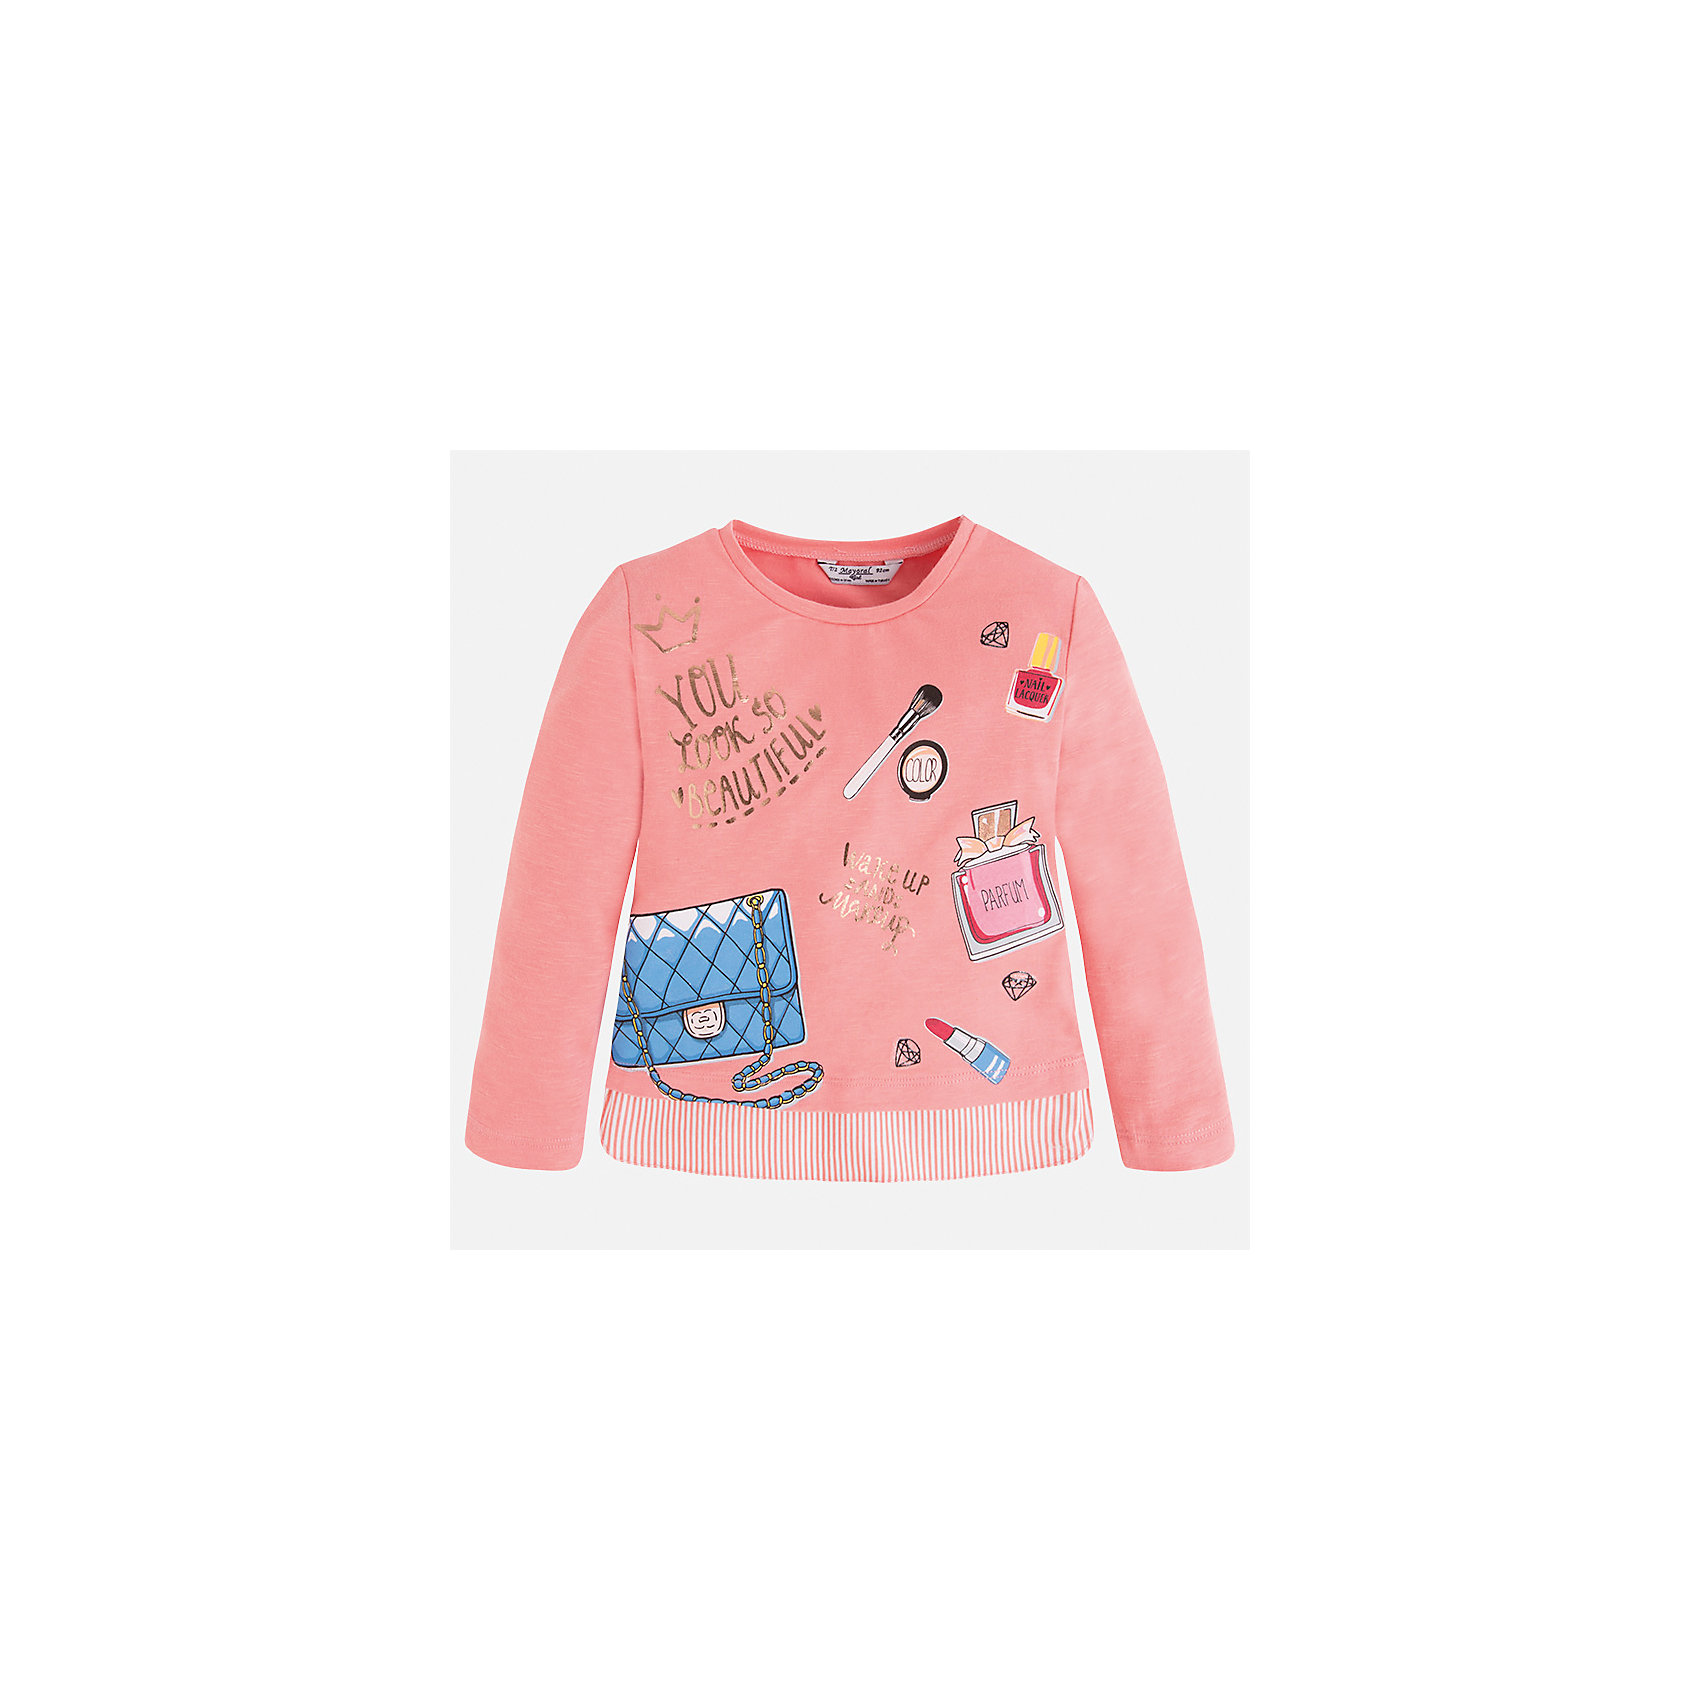 Футболка с длинным рукавом для девочки MayoralХарактеристики товара:<br><br>• цвет: персиковый<br>• состав: 48% вискоза, 47% хлопок, 5% эластан<br>• плотный материал<br>• декорирована принтом<br>• длинные рукава<br>• округлый горловой вырез<br>• страна бренда: Испания<br><br>Модная качественная футболка для девочки поможет разнообразить гардероб ребенка и украсить наряд. Она отлично сочетается и с юбками, и с брюками. Универсальный цвет позволяет подобрать к вещи низ практически любой расцветки. Интересная отделка модели делает её нарядной и оригинальной. В составе материала - натуральный хлопок, гипоаллергенный, приятный на ощупь, дышащий.<br><br>Одежда, обувь и аксессуары от испанского бренда Mayoral полюбились детям и взрослым по всему миру. Модели этой марки - стильные и удобные. Для их производства используются только безопасные, качественные материалы и фурнитура. Порадуйте ребенка модными и красивыми вещами от Mayoral! <br><br>Футболку с длинным рукавом для девочки от испанского бренда Mayoral (Майорал) можно купить в нашем интернет-магазине.<br><br>Ширина мм: 230<br>Глубина мм: 40<br>Высота мм: 220<br>Вес г: 250<br>Цвет: розовый<br>Возраст от месяцев: 96<br>Возраст до месяцев: 108<br>Пол: Женский<br>Возраст: Детский<br>Размер: 134,92,98,104,110,116,122,128<br>SKU: 5300354